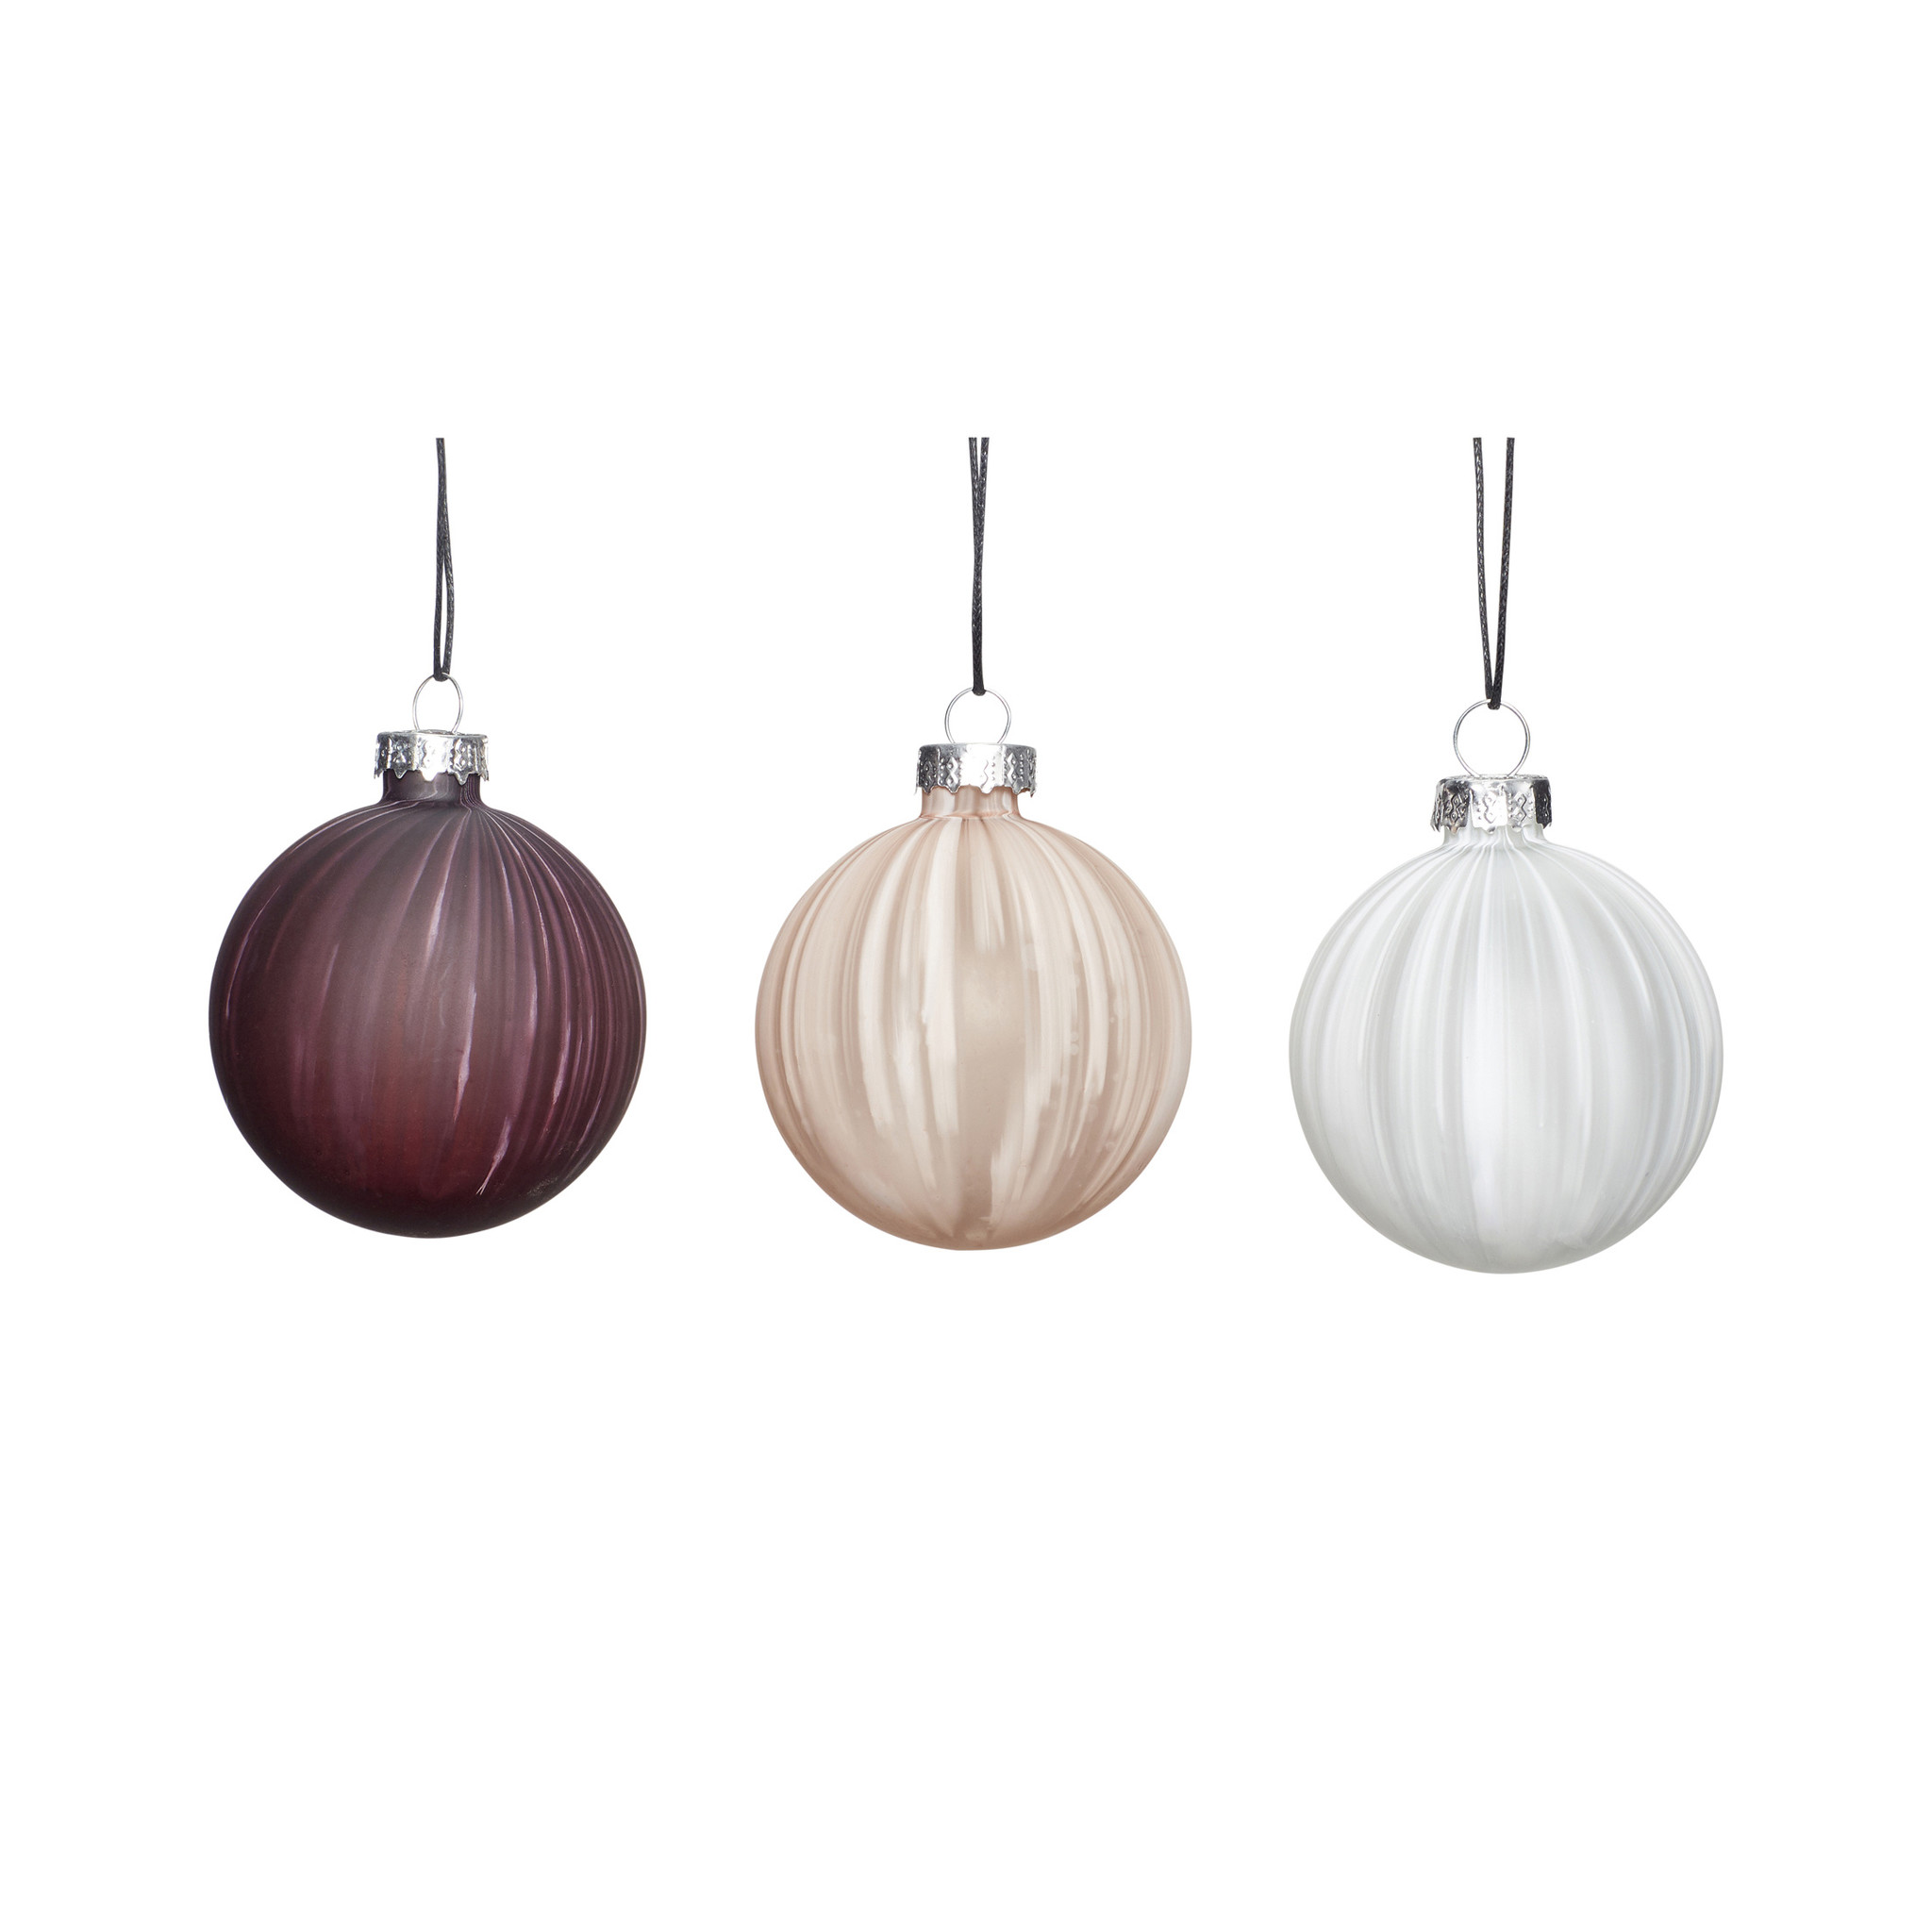 Hubsch Kerstbal, wit / beige / paars, set van 3-350707-5712772065914